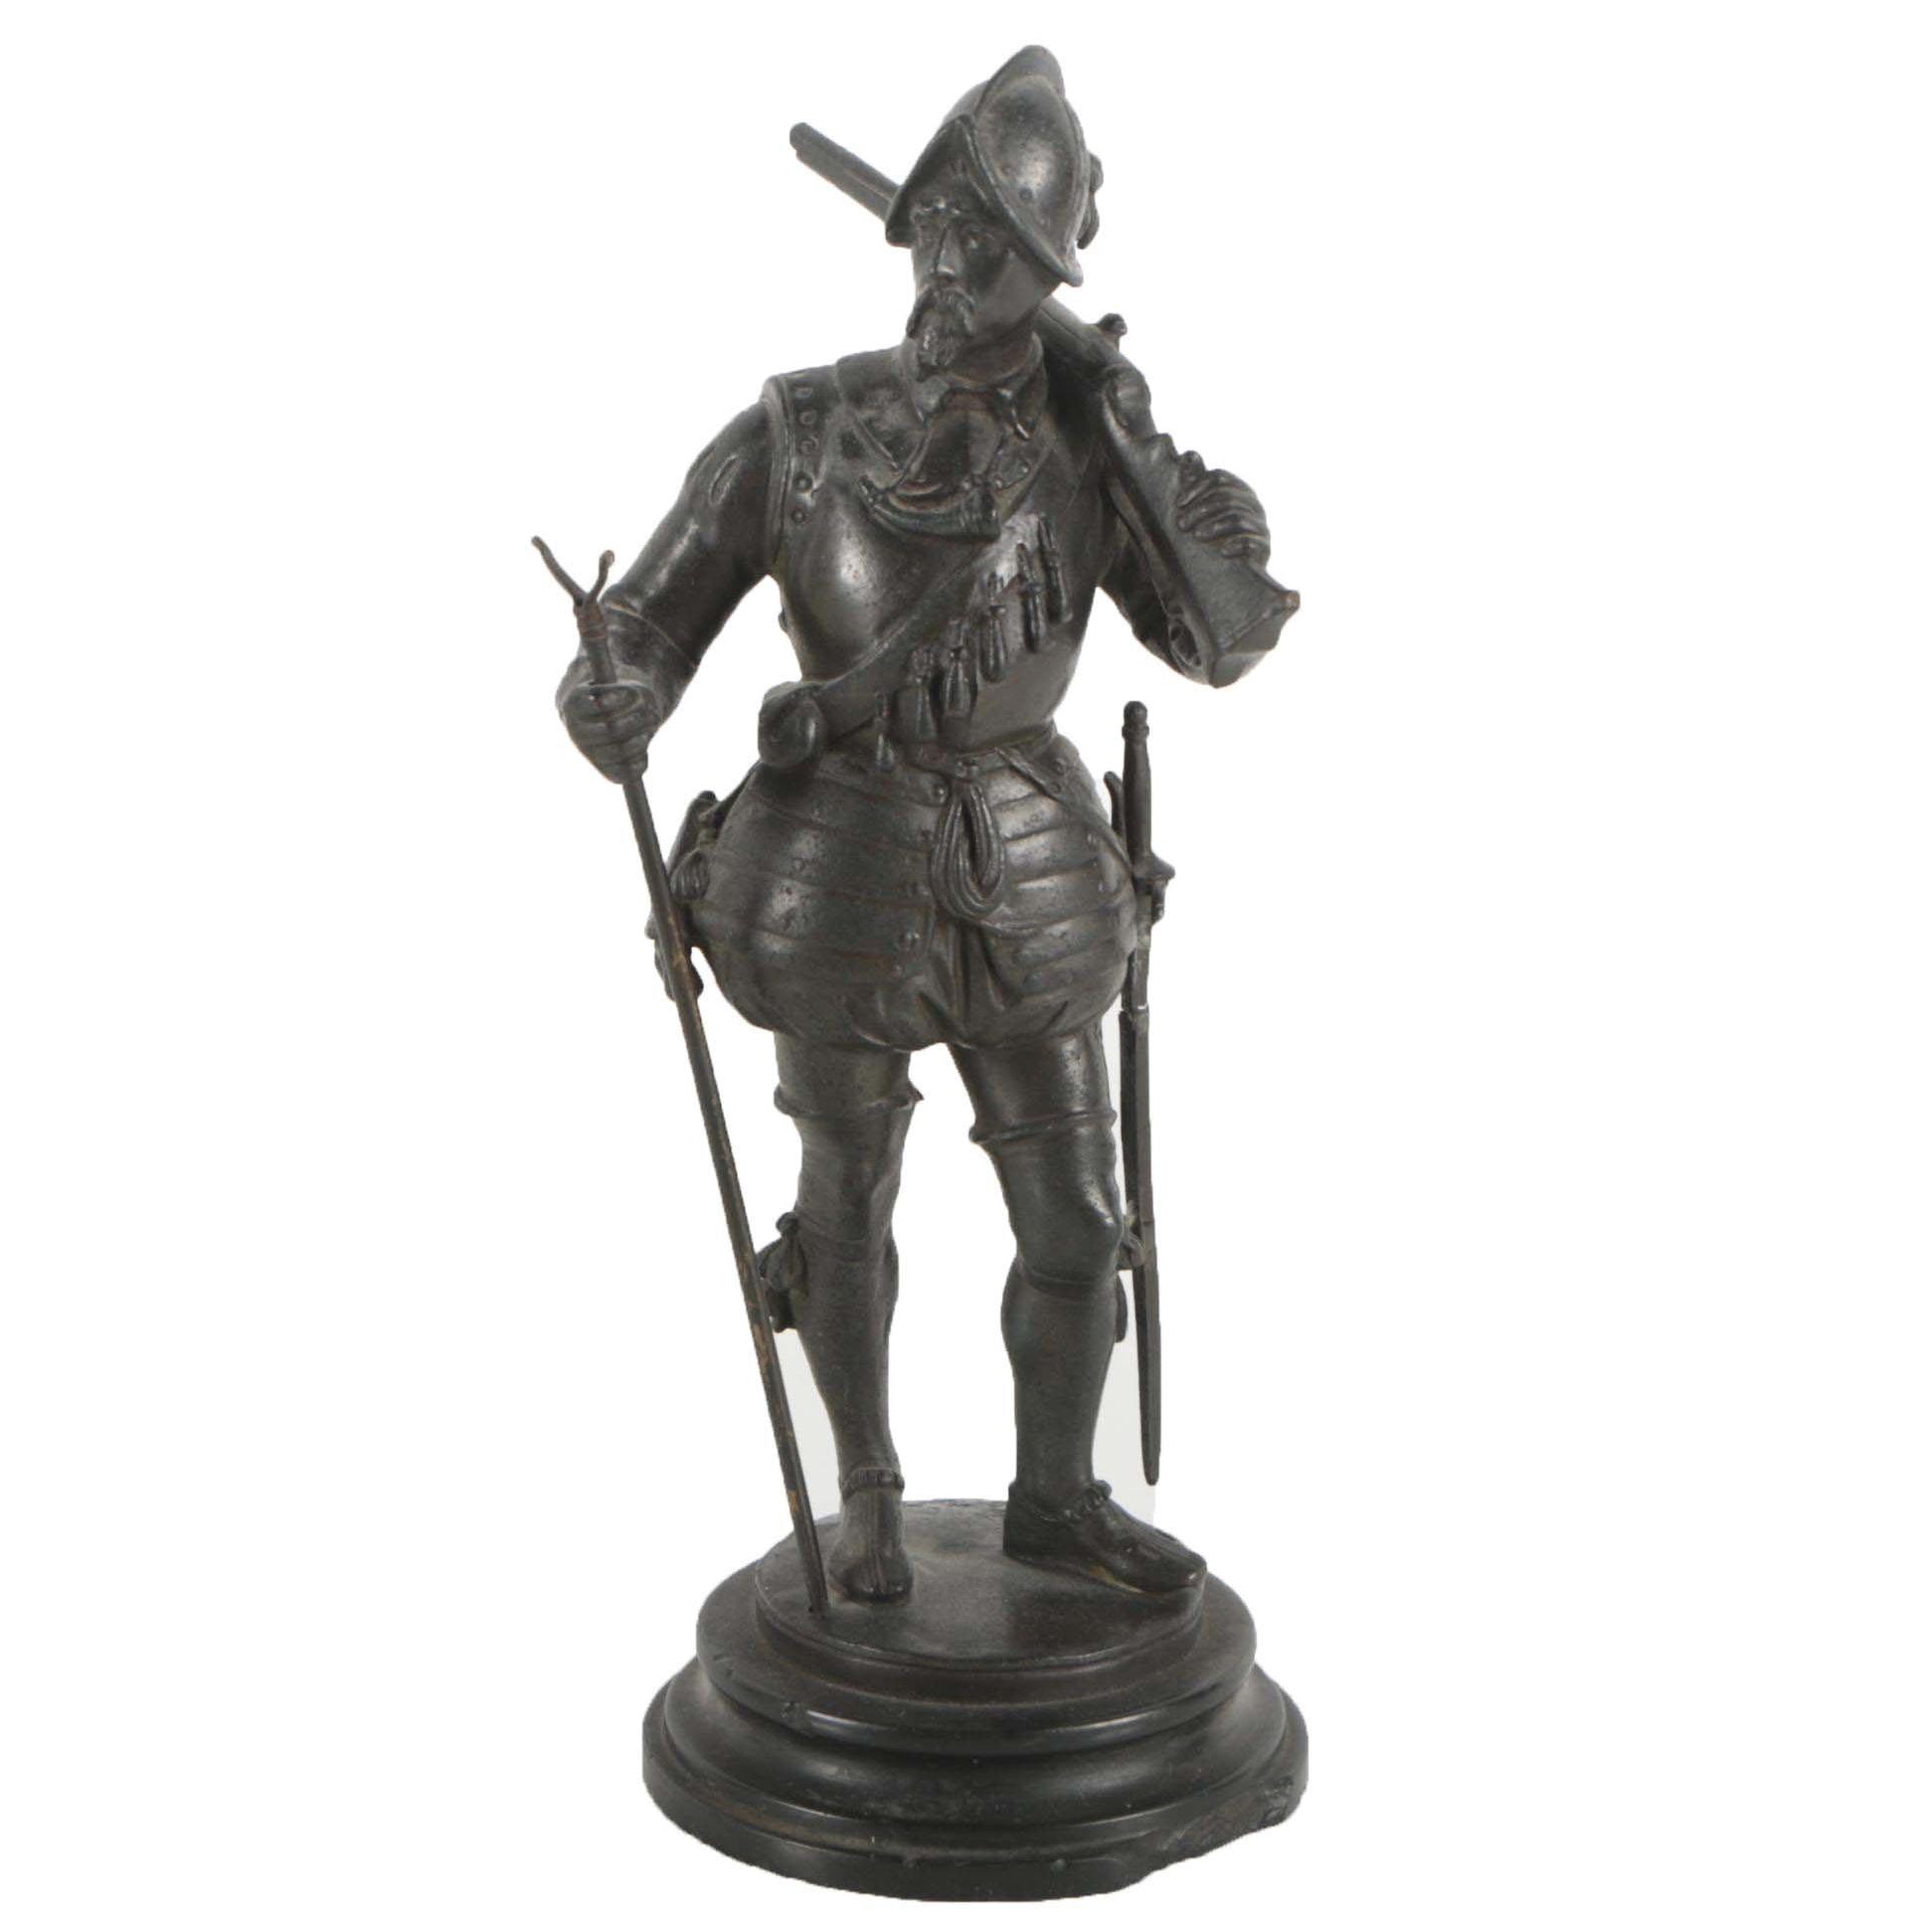 Brass Sculpture of Soldier